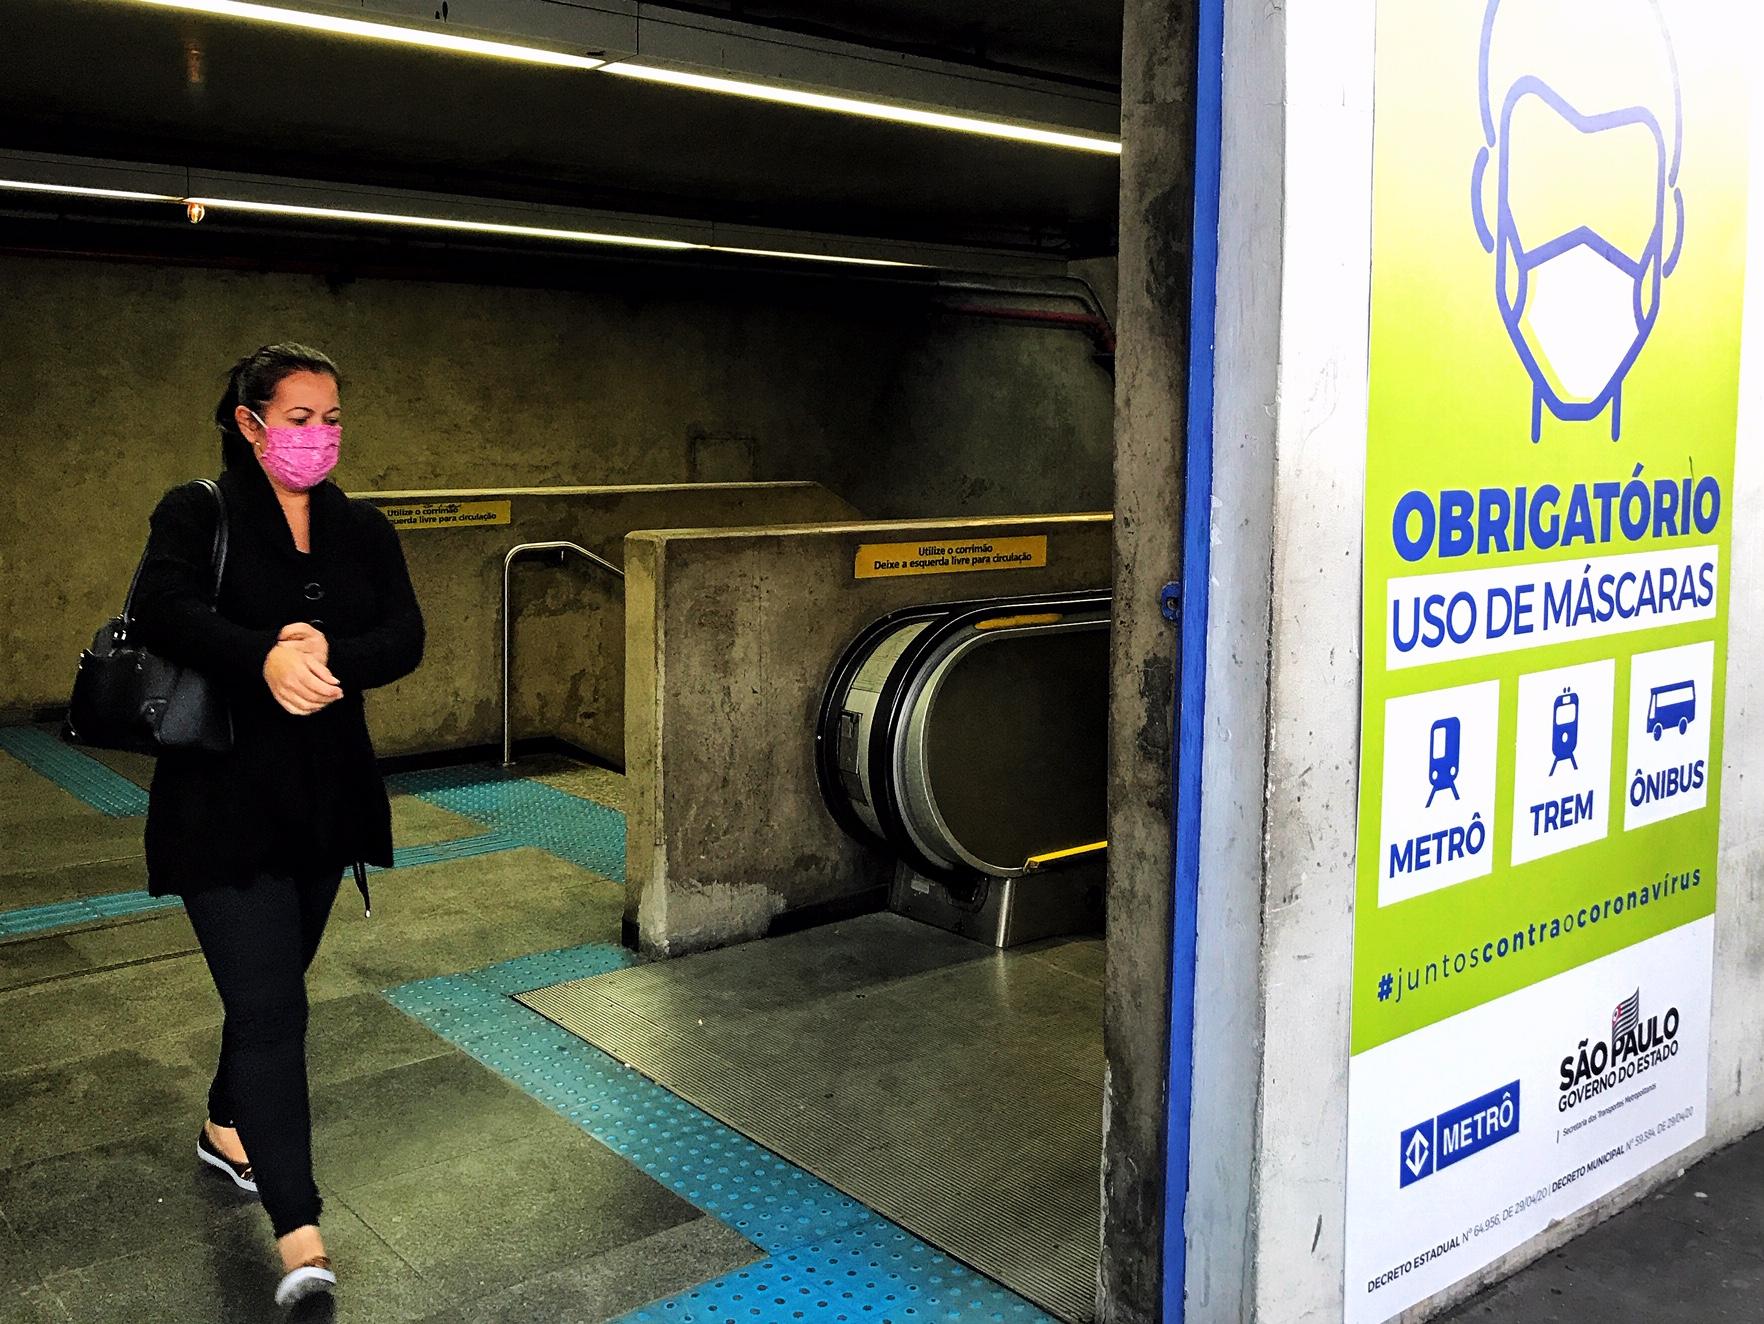 Usuária na saída da estação Paraíso do Metrô paraíso de São Paulo: empresa não vai pagar parte do salário de seus funcionários por conta da crise (Foto: Roberto Parizotti/Fotos Públicas)